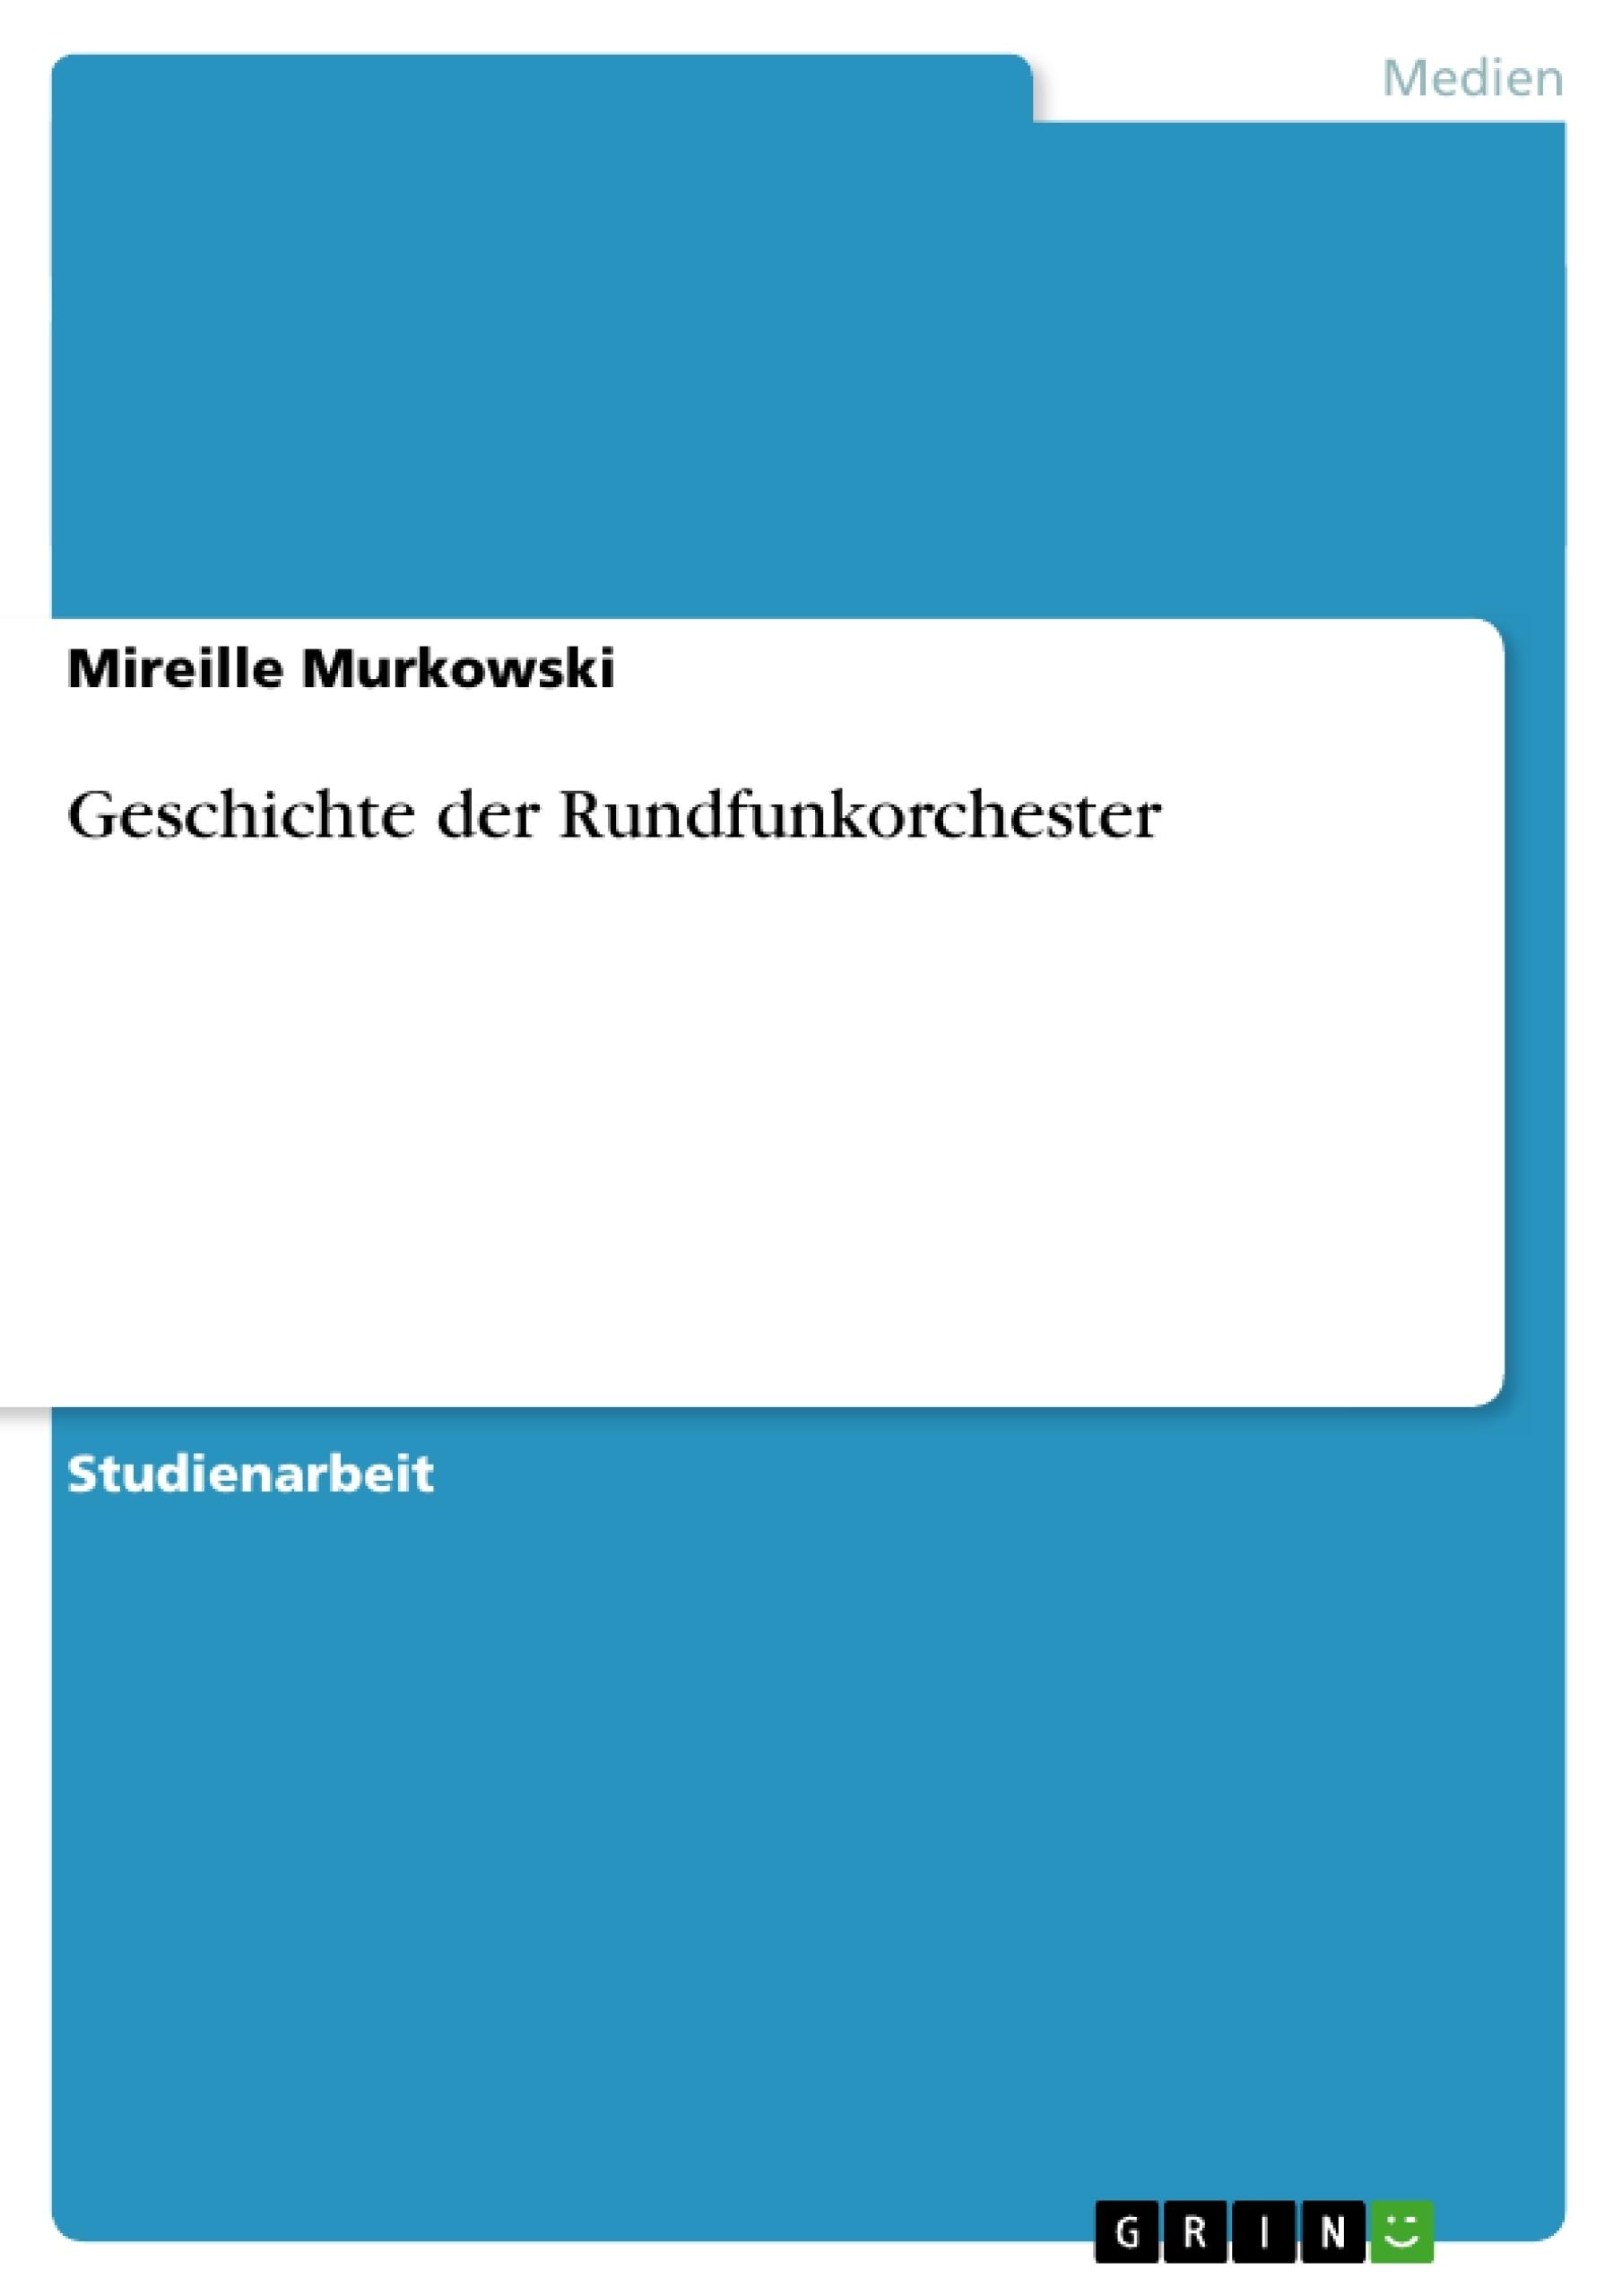 Titel: Geschichte der Rundfunkorchester